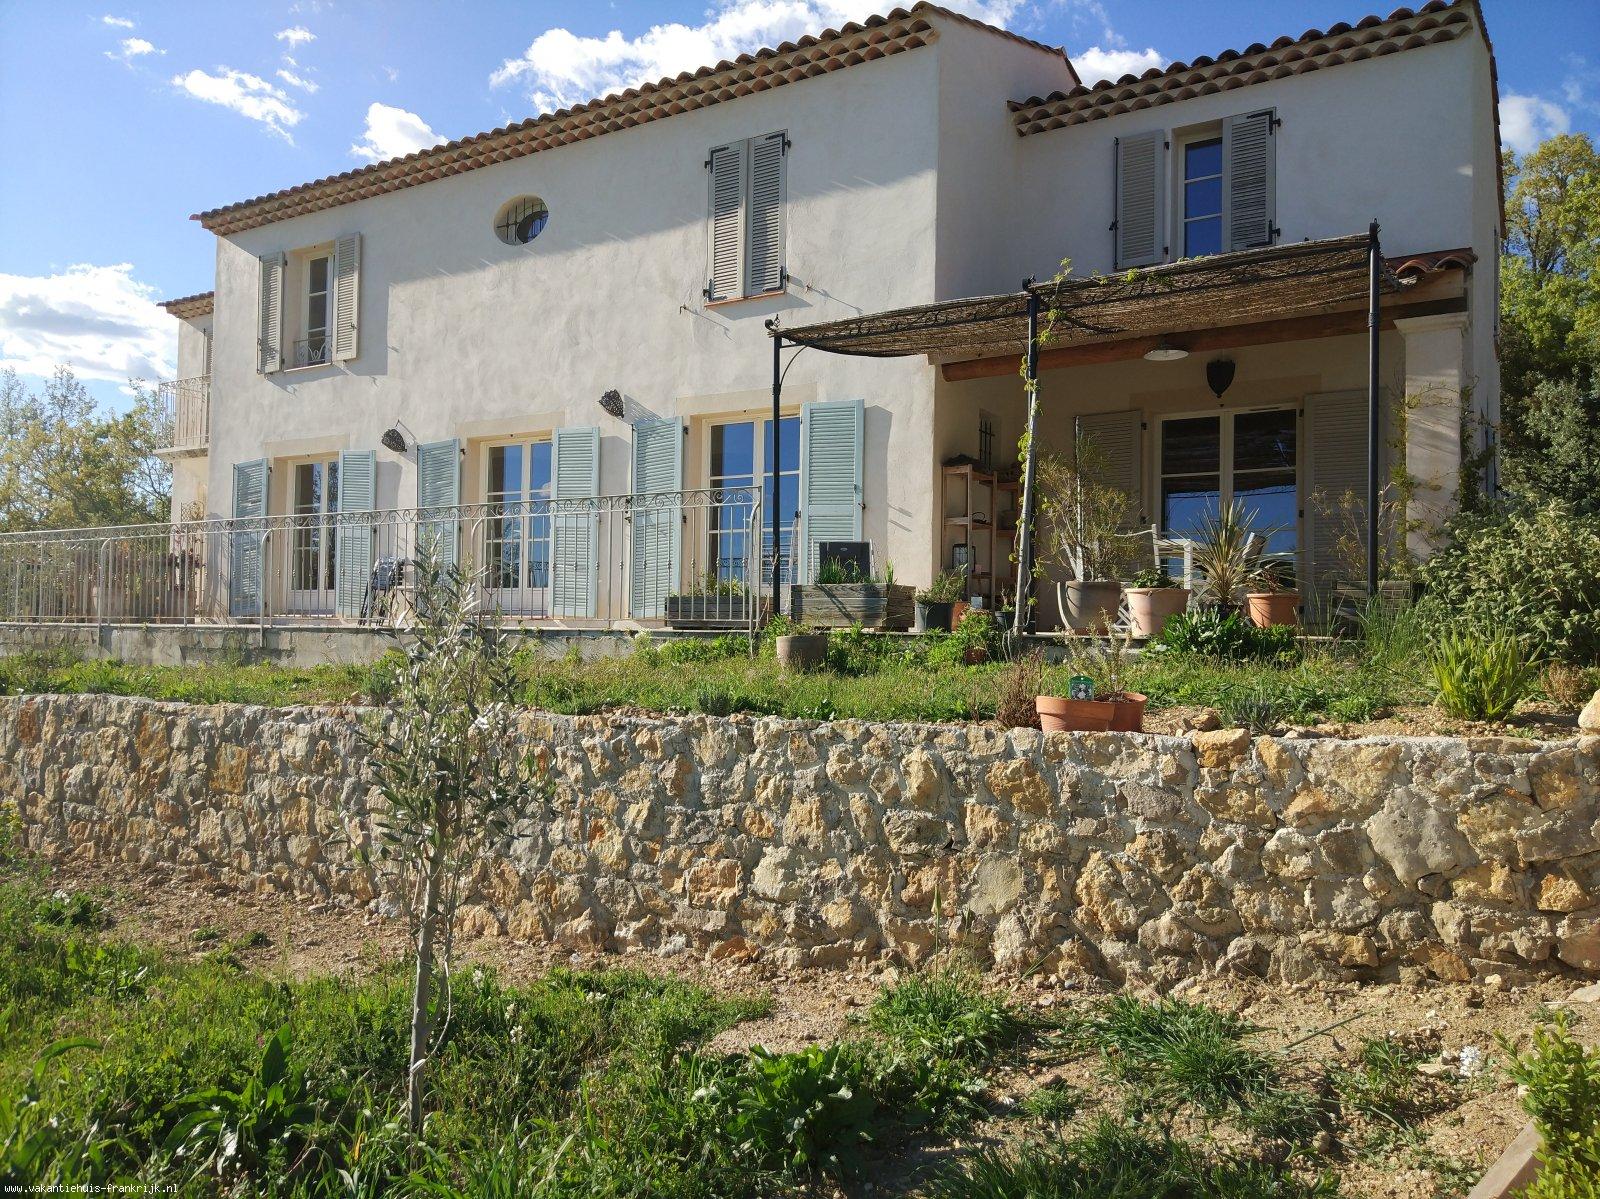 Vakantiehuis: Sfeervol vakantiehuis met privézwembad voor 8 personen in hartje Provence te huur voor uw vakantie in Var (Frankrijk)